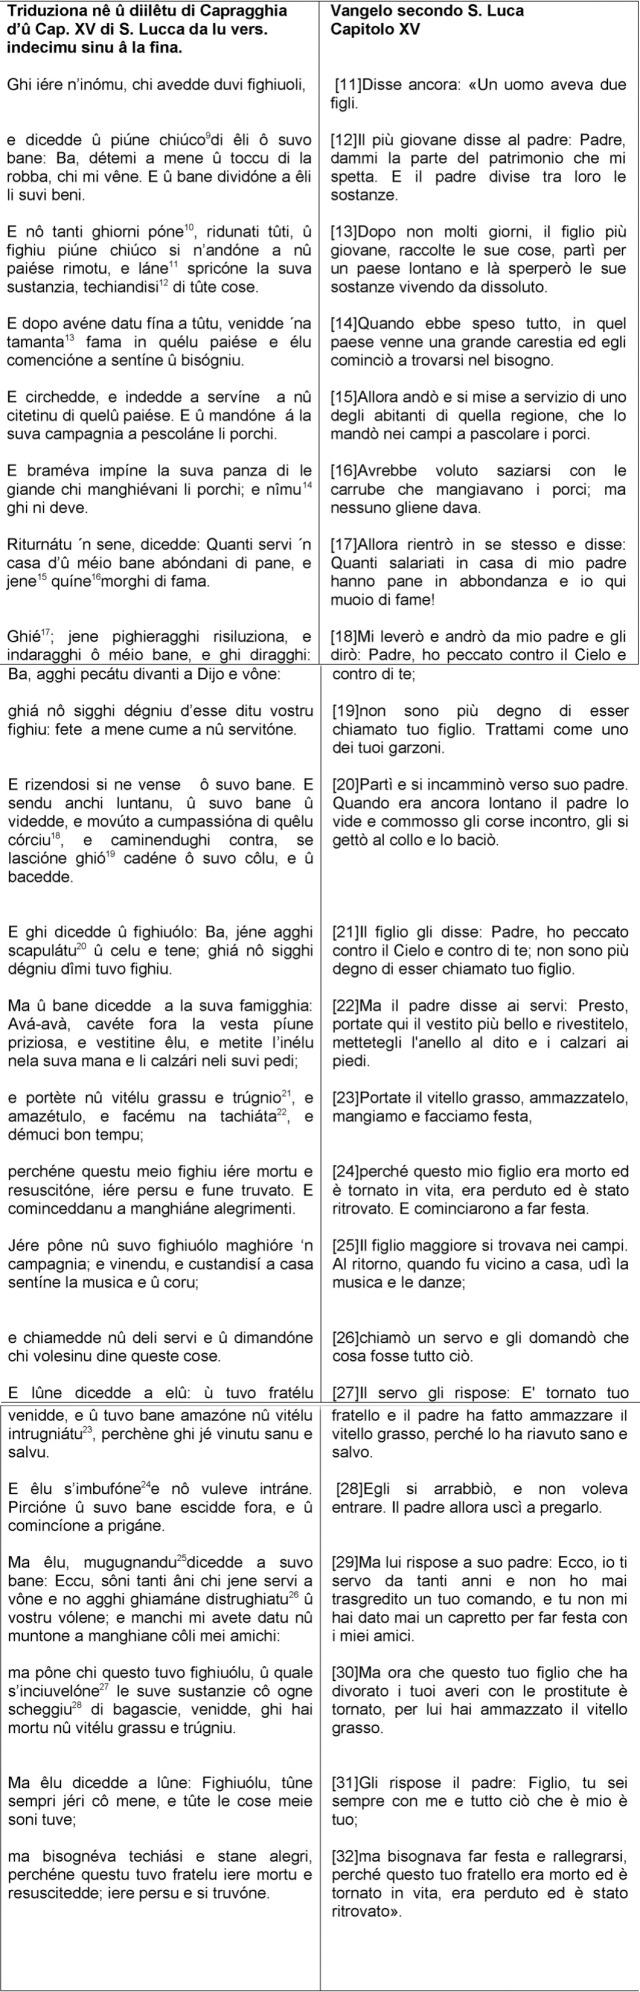 tabella-completa